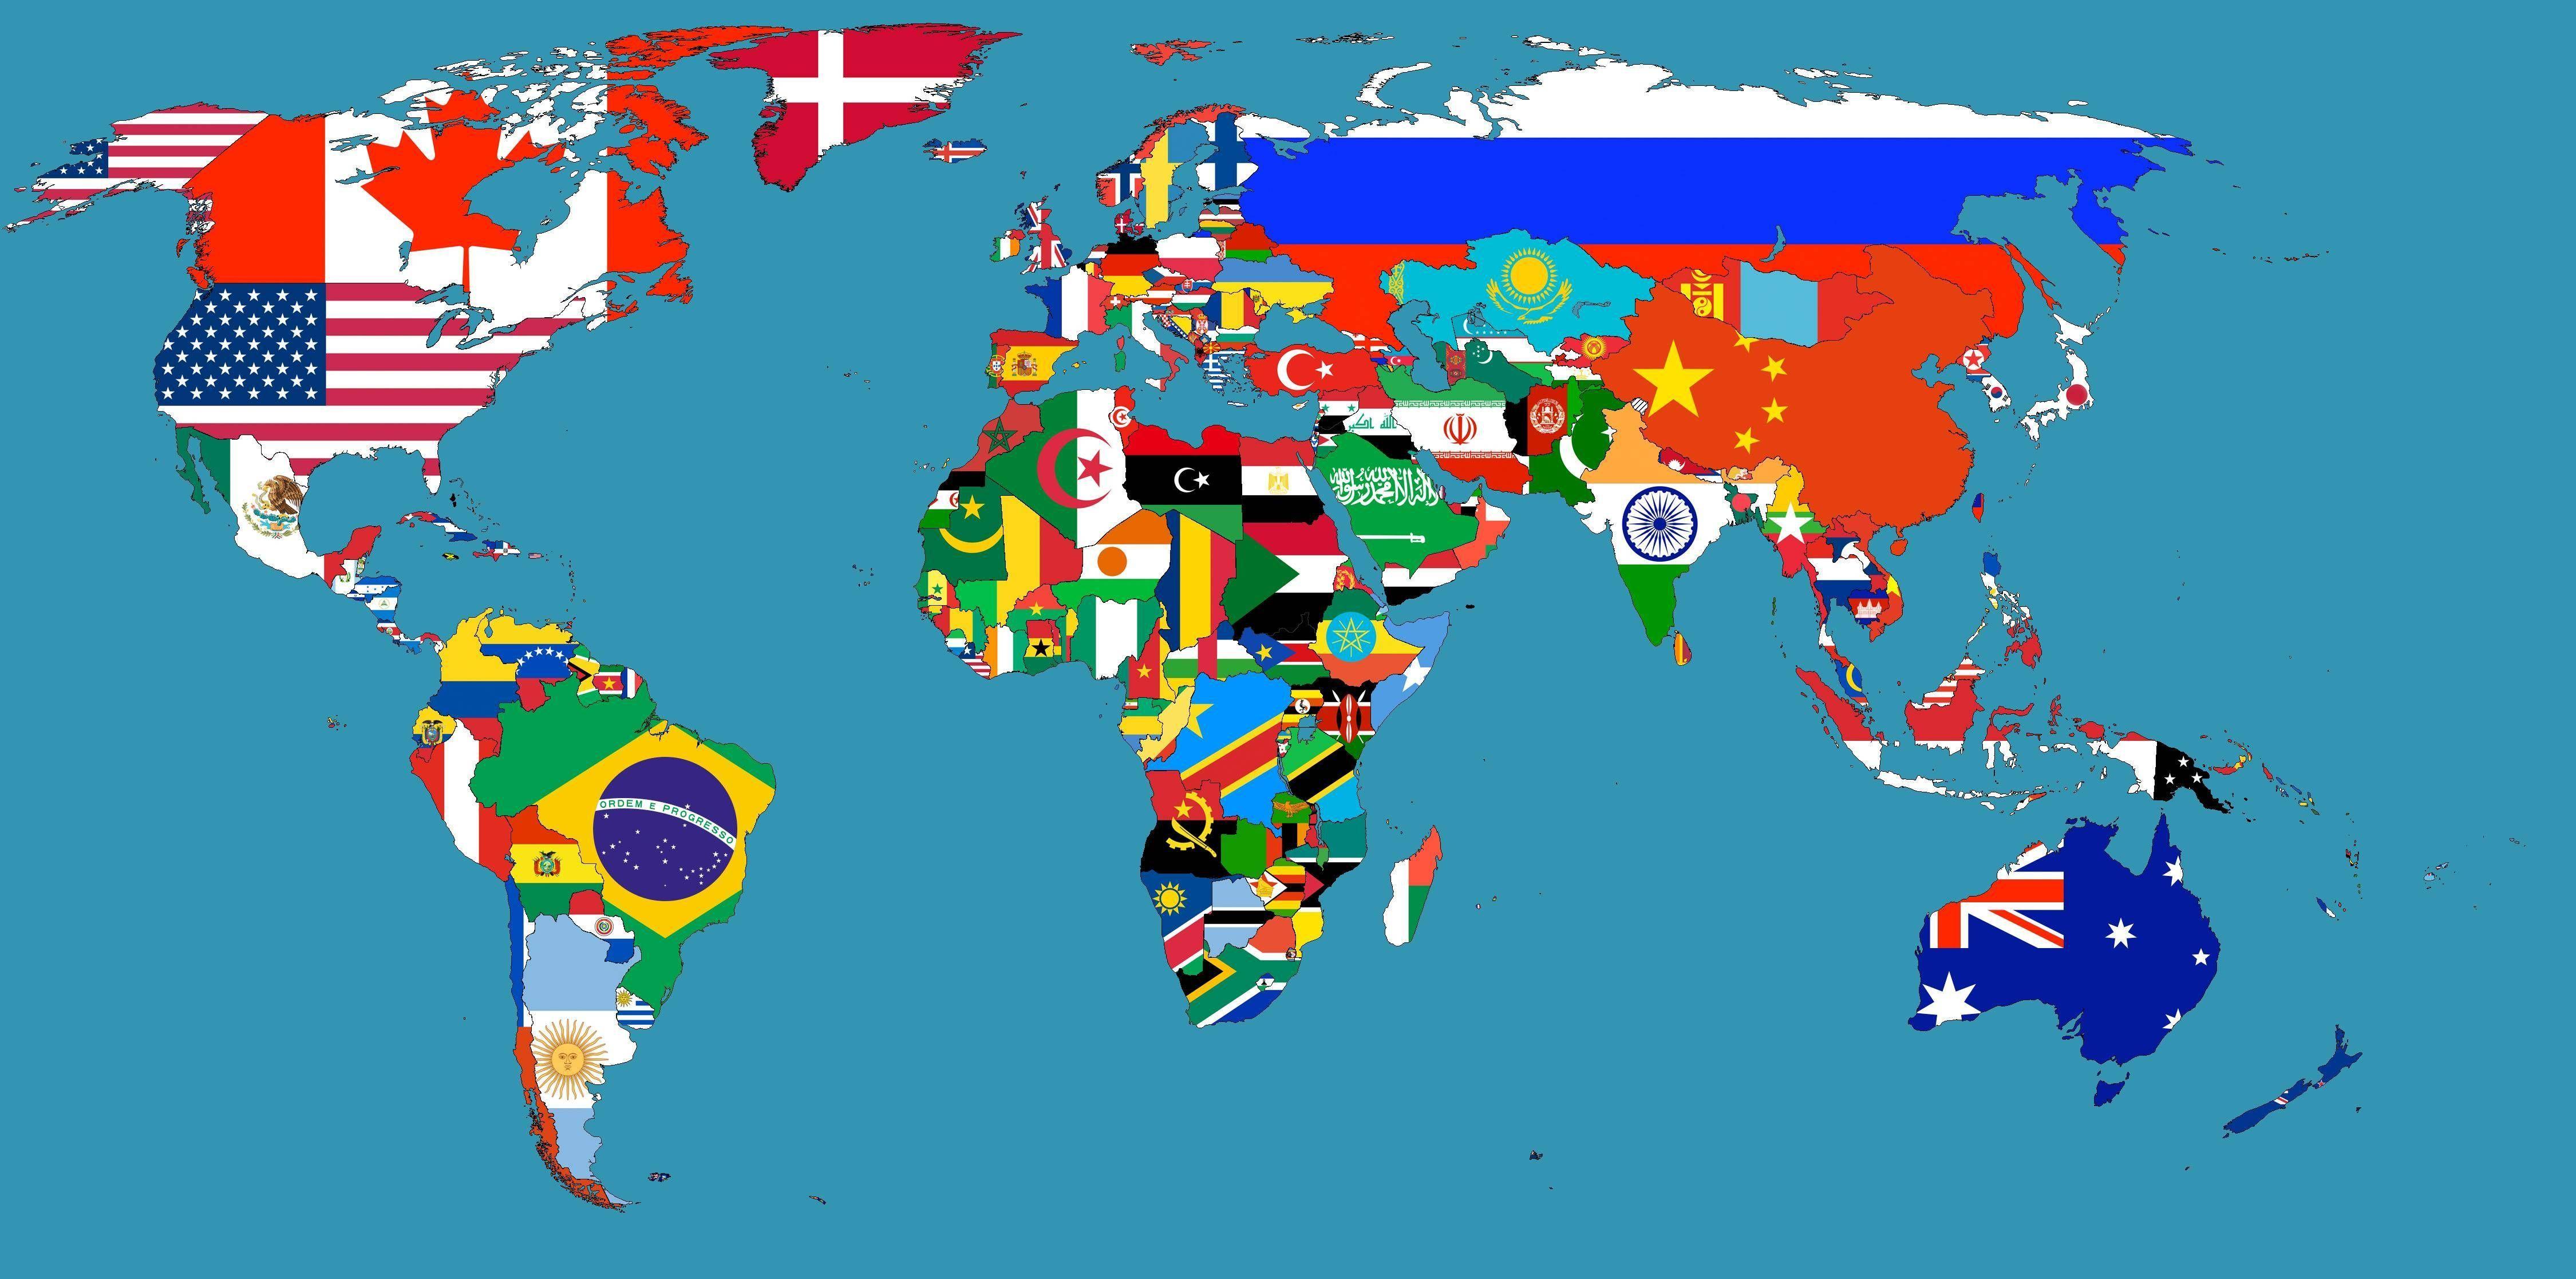 Seriamente. ¿Crees que en el futuro habrá una Tercera Guerra Mundial? ¿Y crees que España intervendrá?